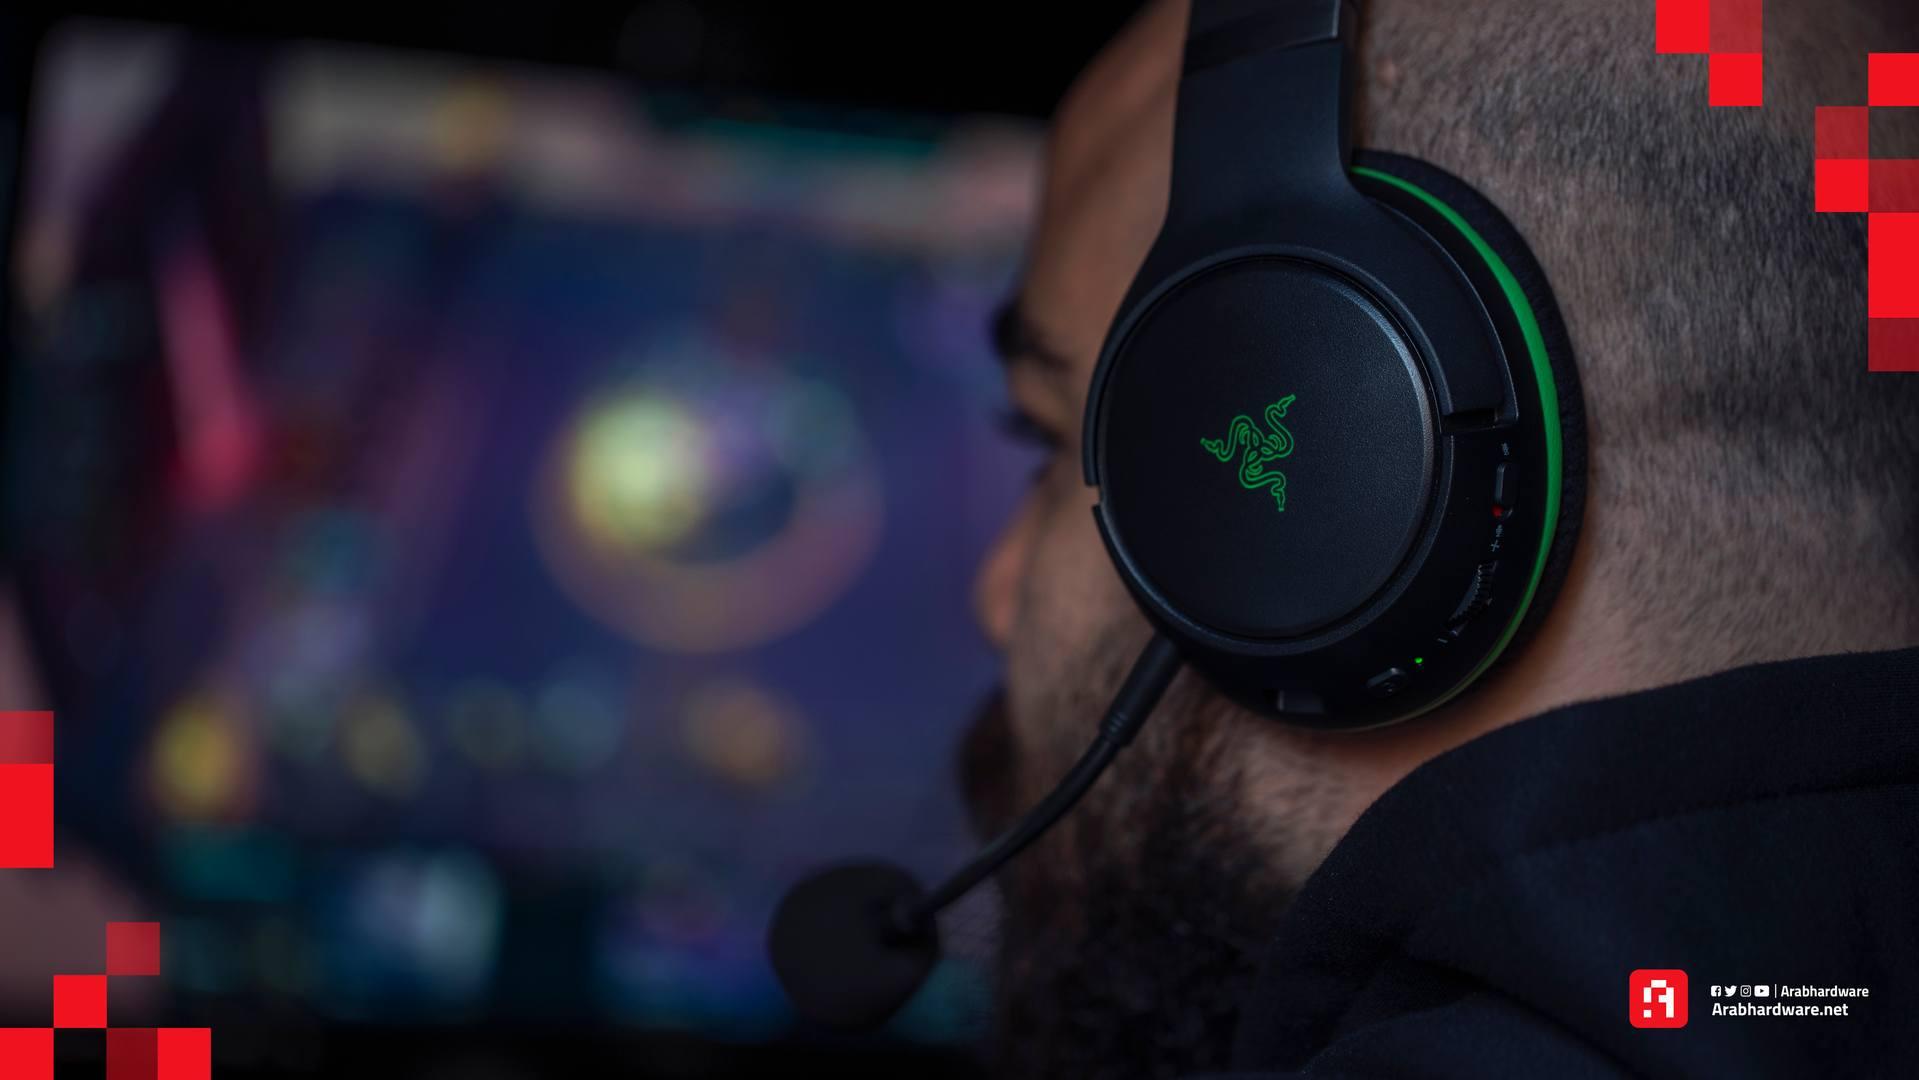 مراجعة سماعة الألعاب Razer Kaira Pro (1)